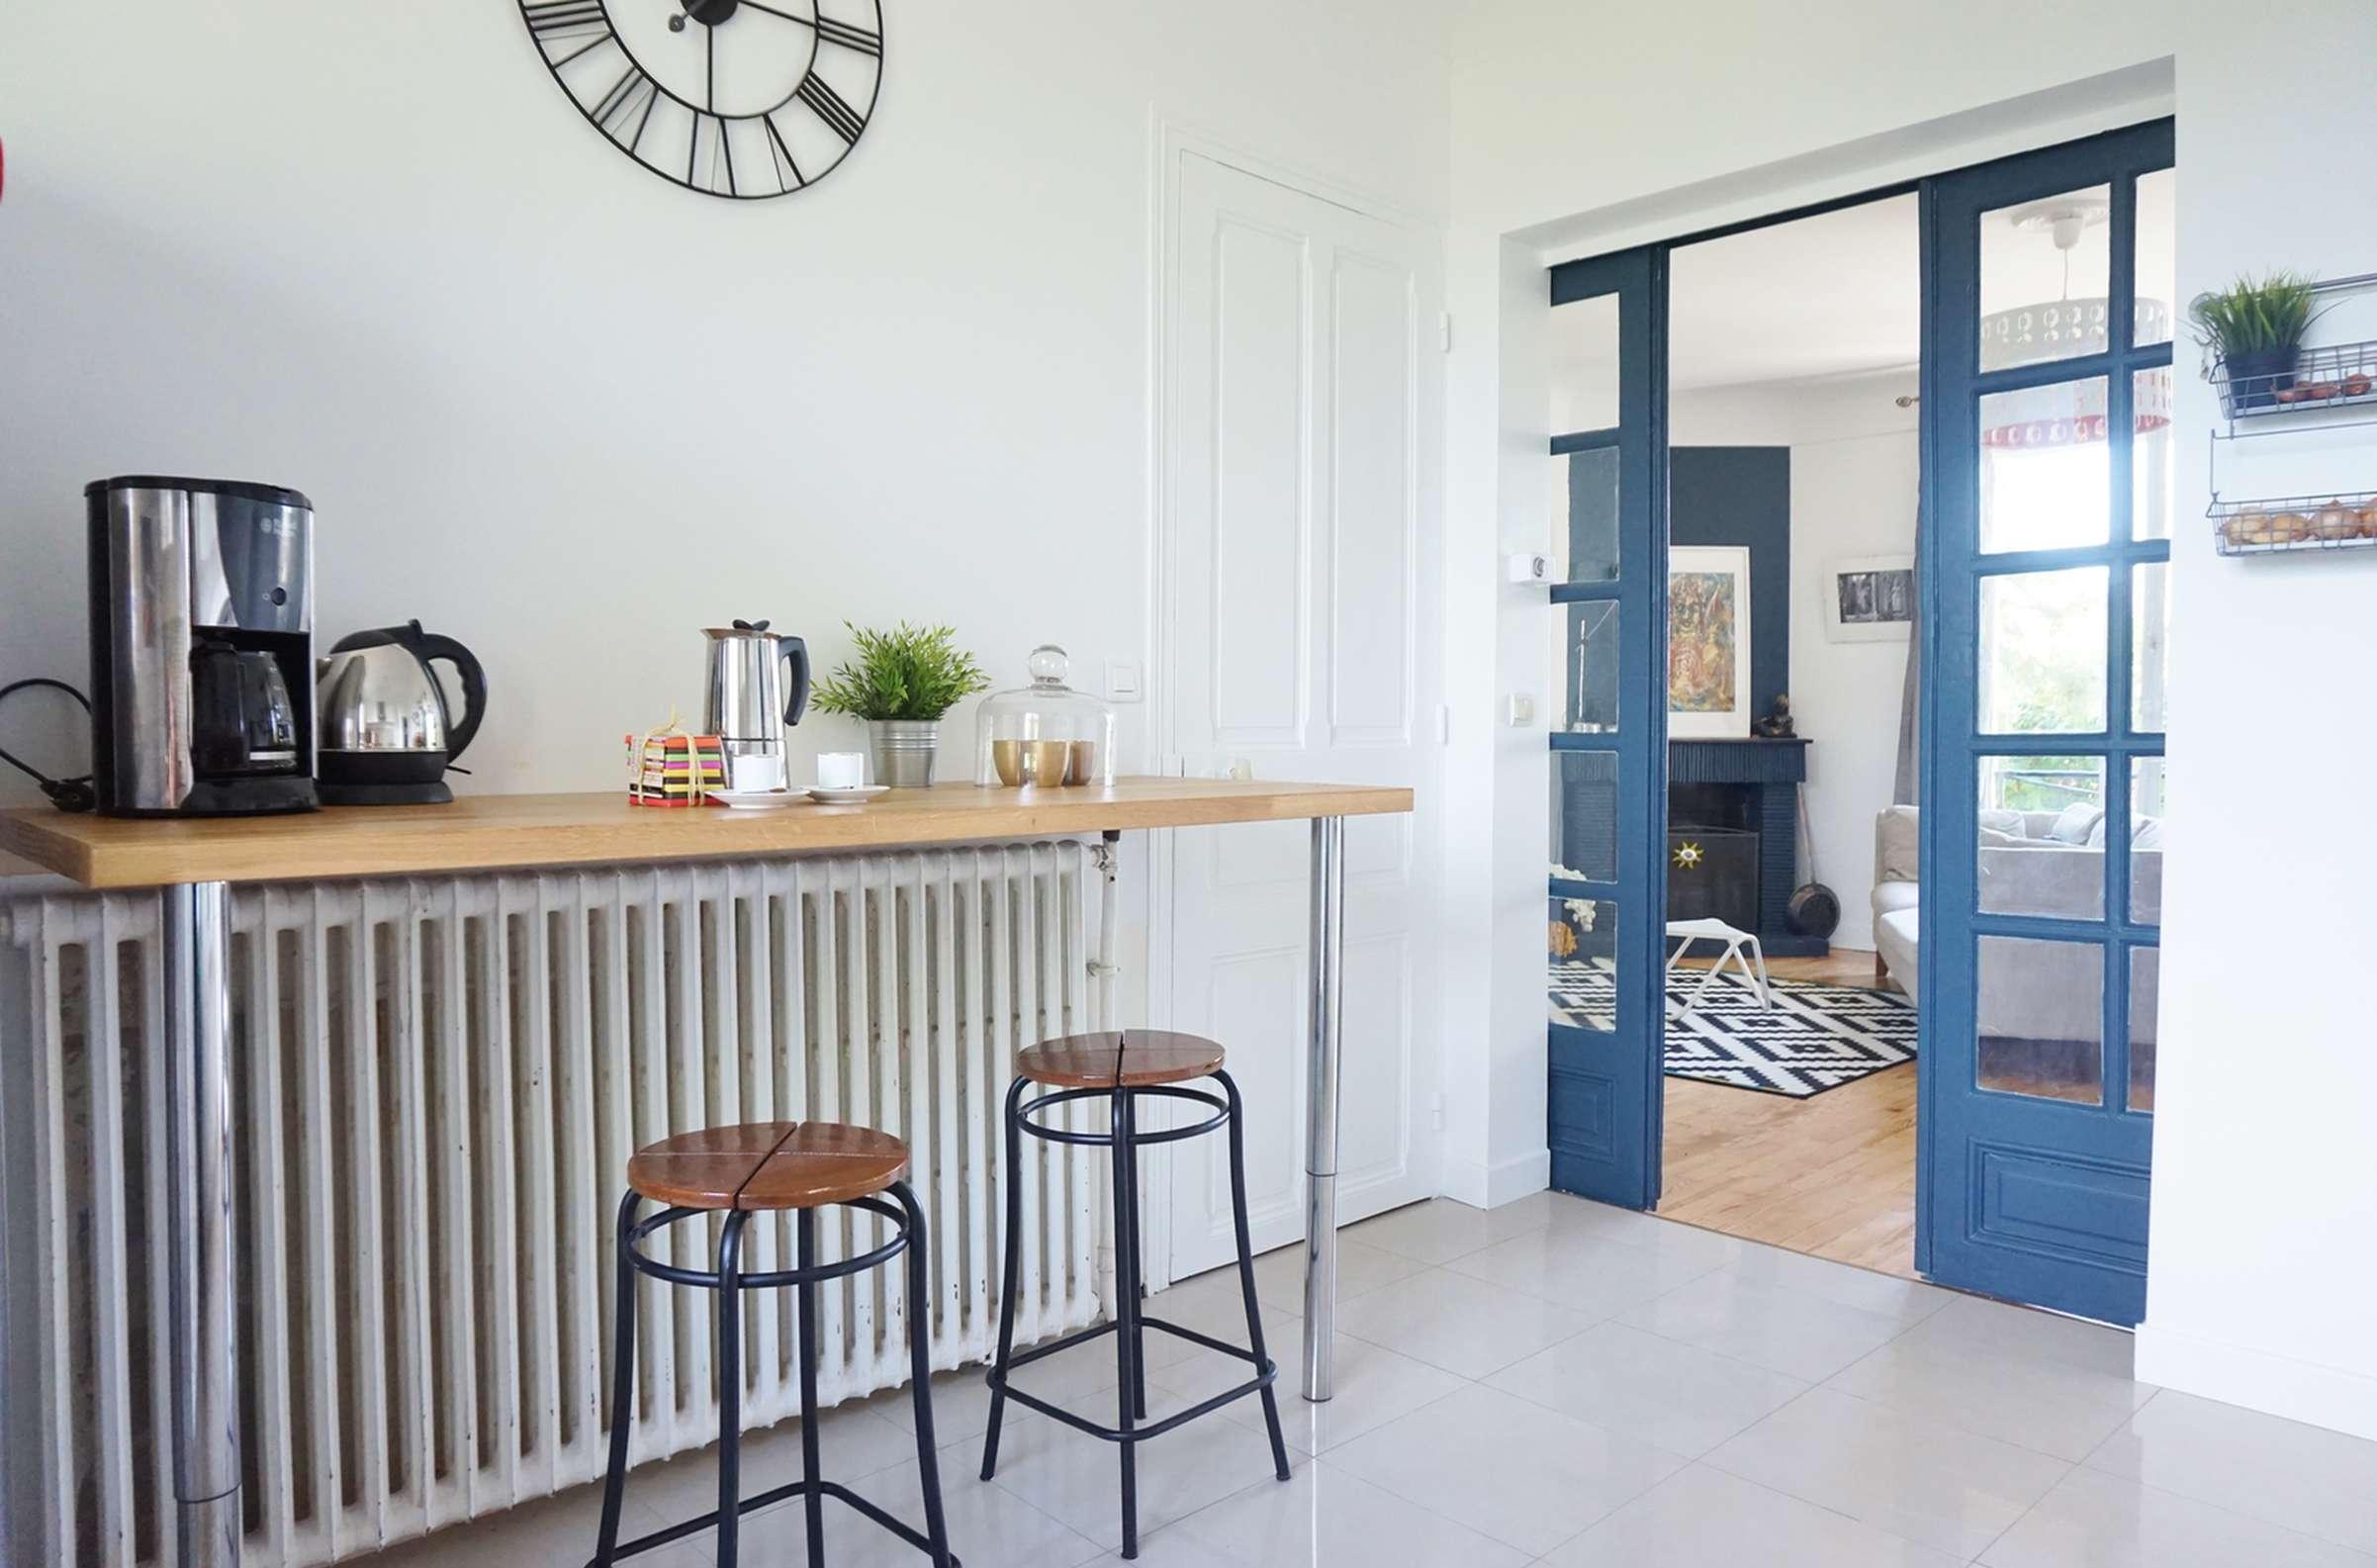 Дизайн кухни с барной стойкой в стиле ретро